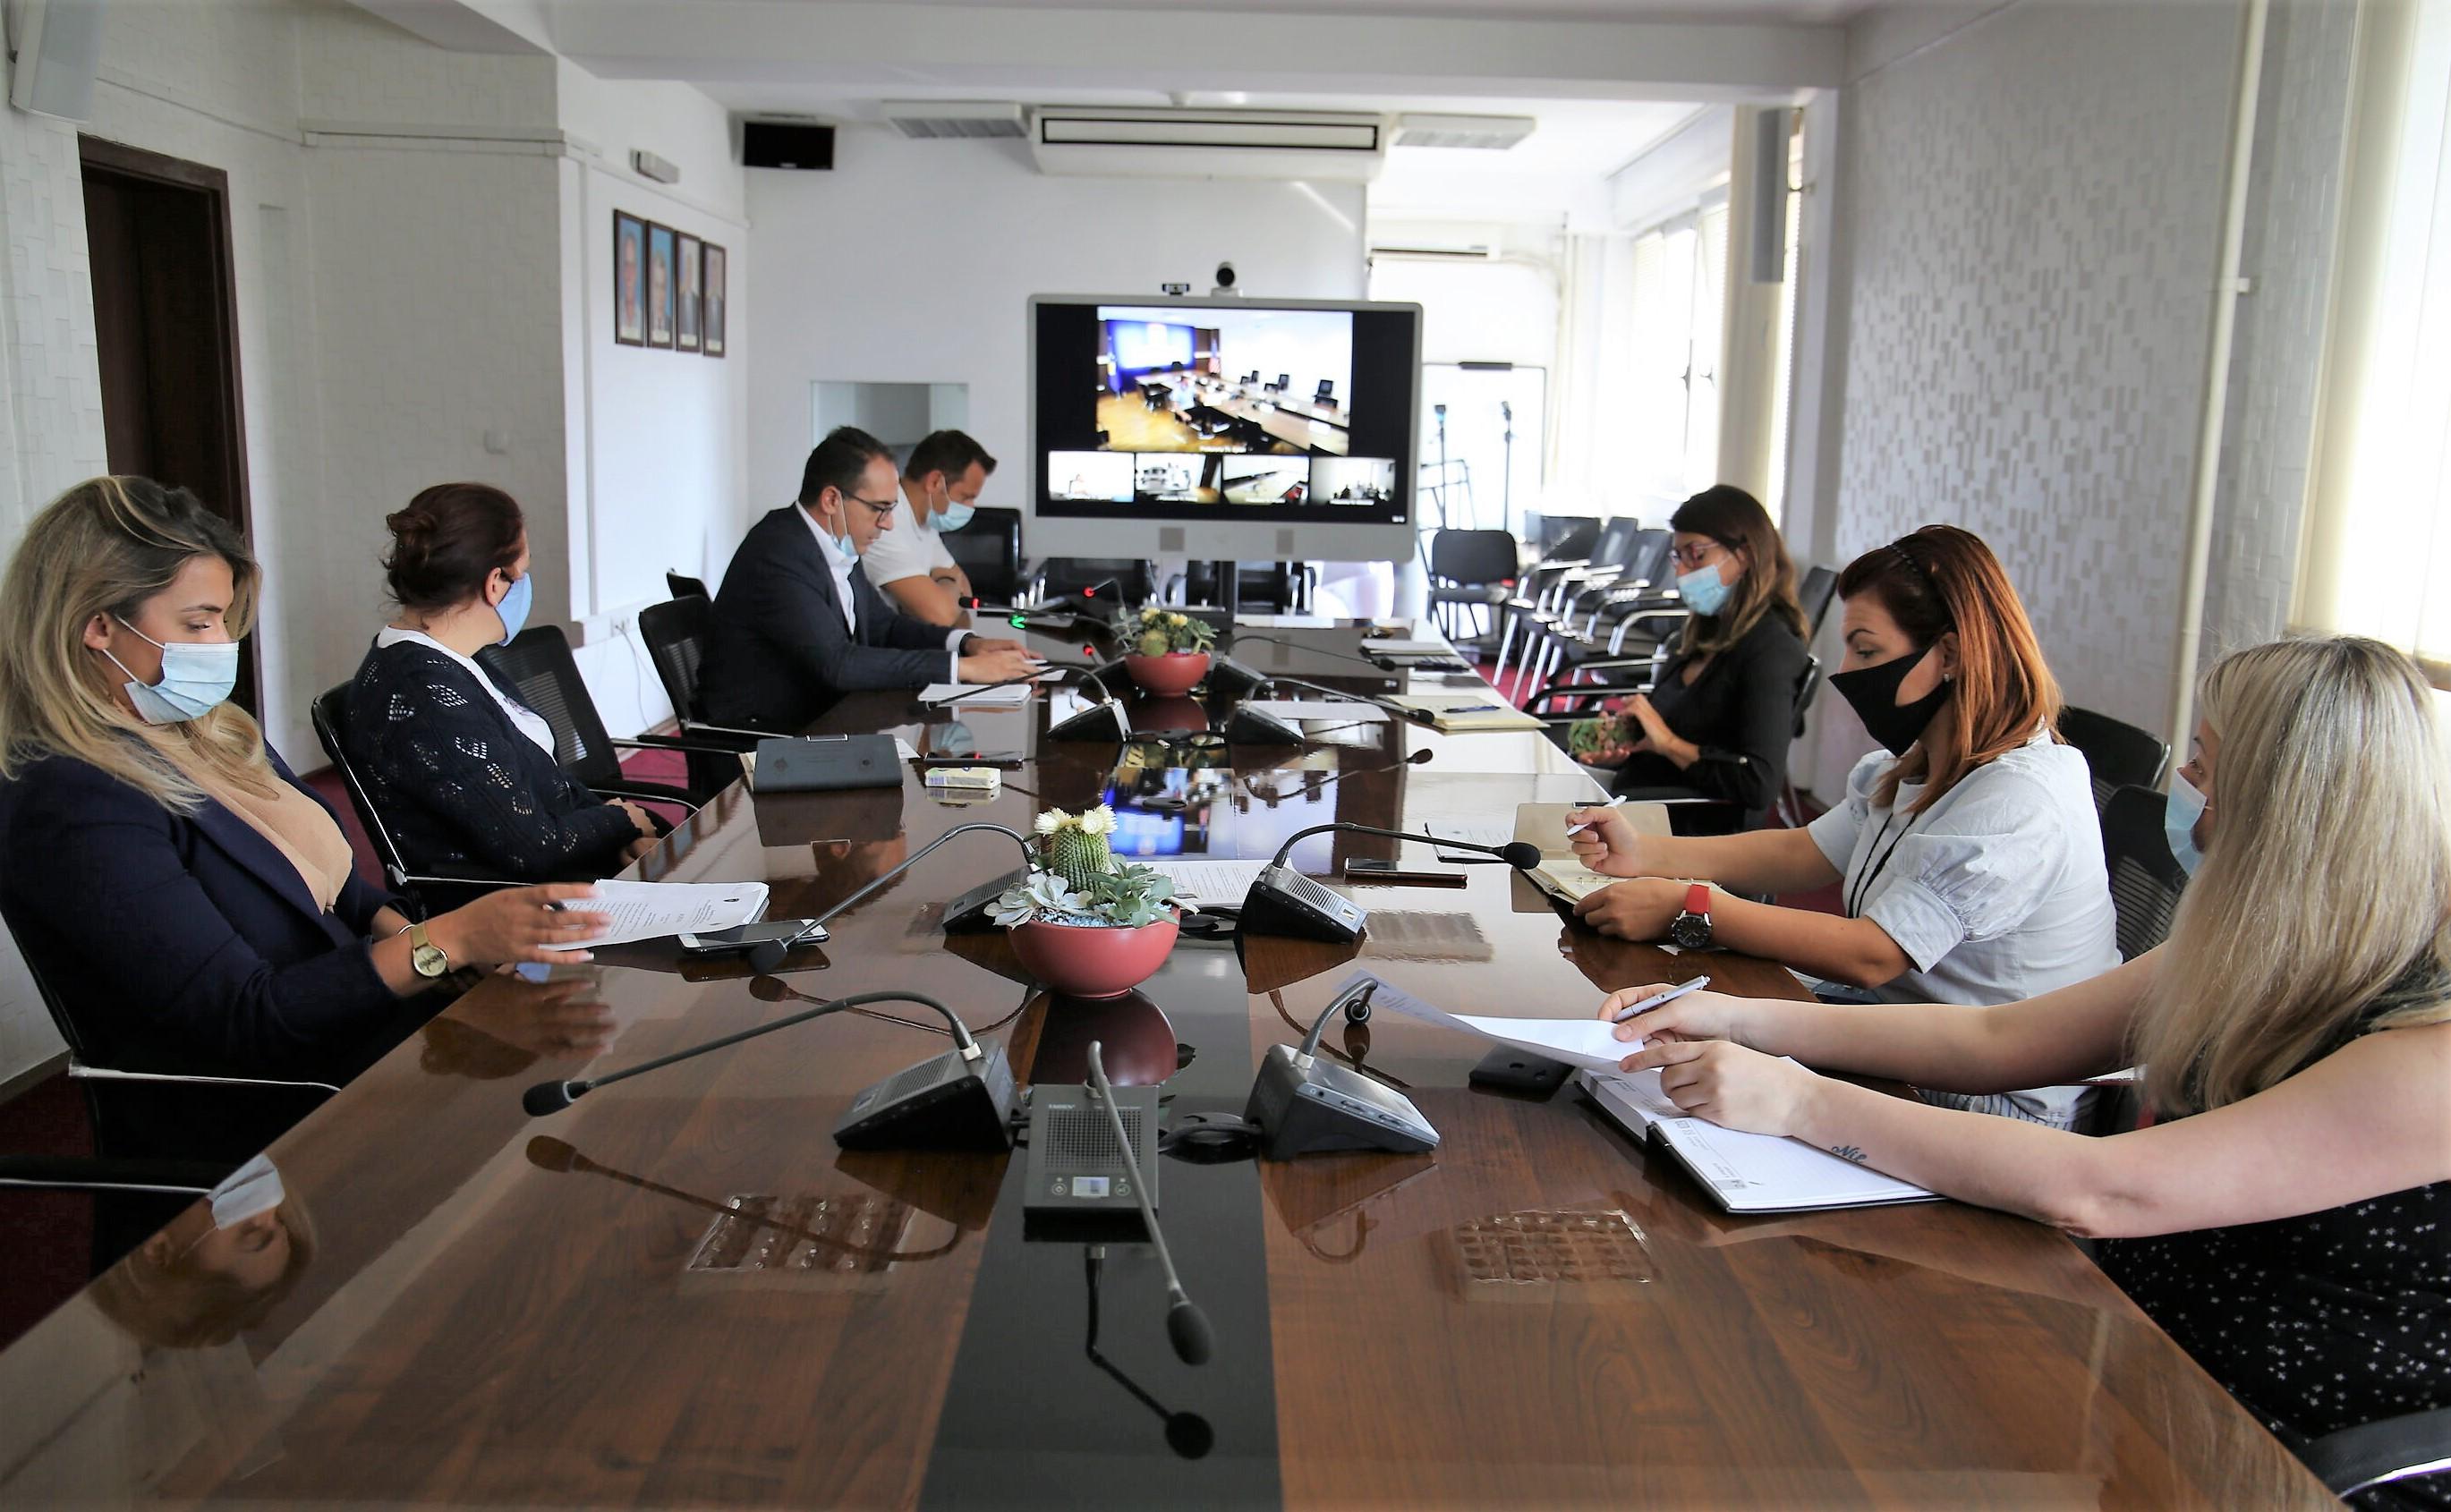 Drejtori Krasniqi ka mbajtur takim me administratorët e prokurorive